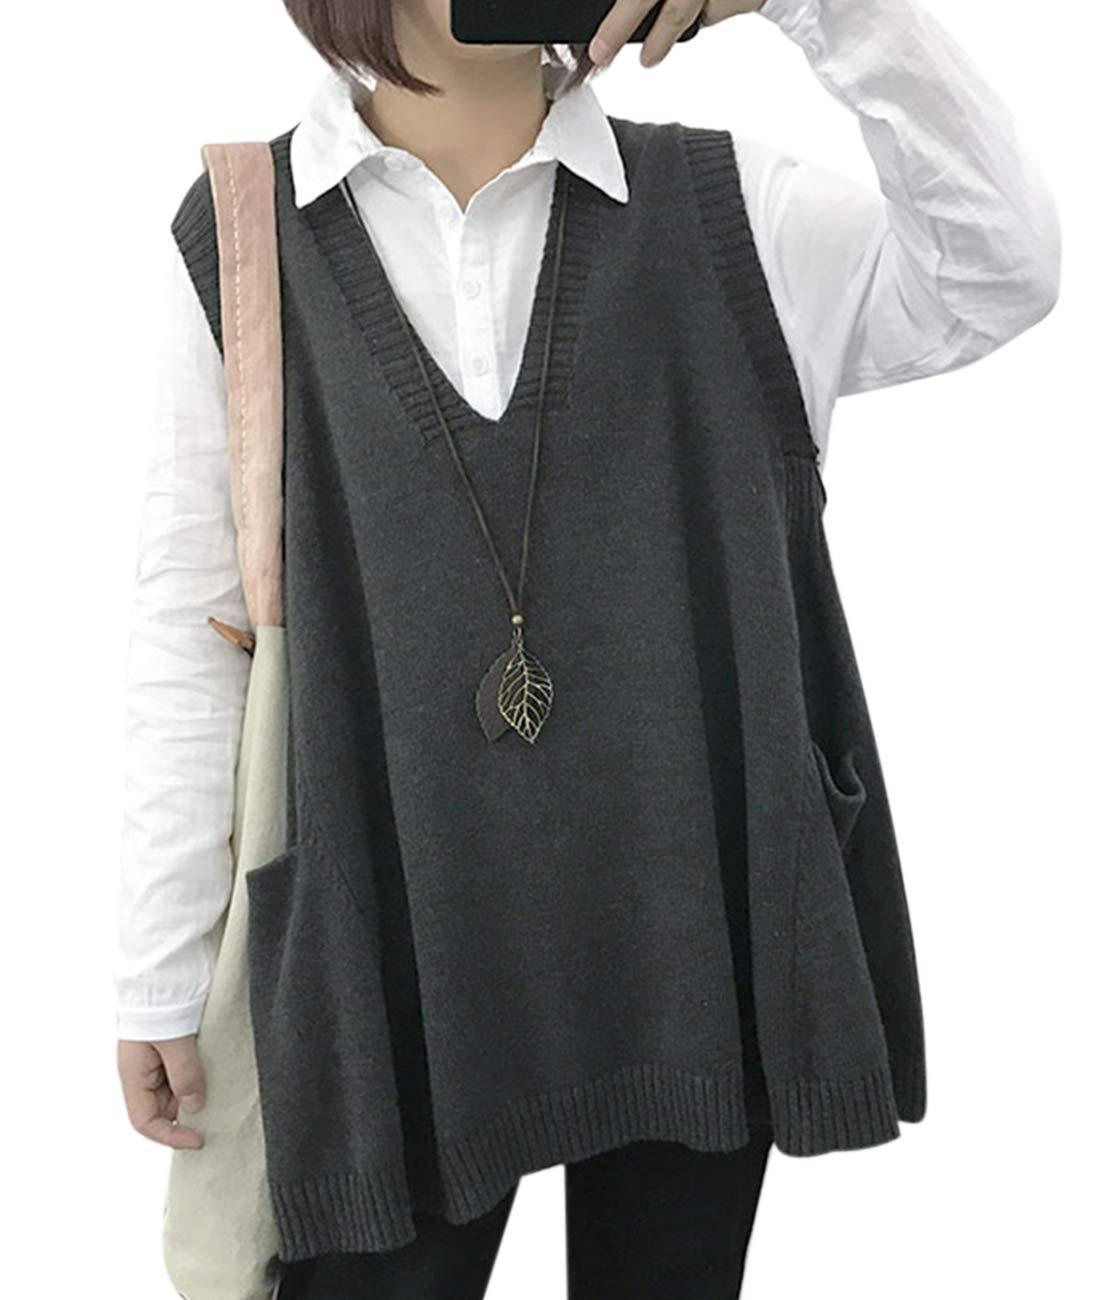 YESNO WM9 Women Casual Cute Sweater Vest Loose Swing Hemline/Pockets (M, WM9 Gray) by YESNO